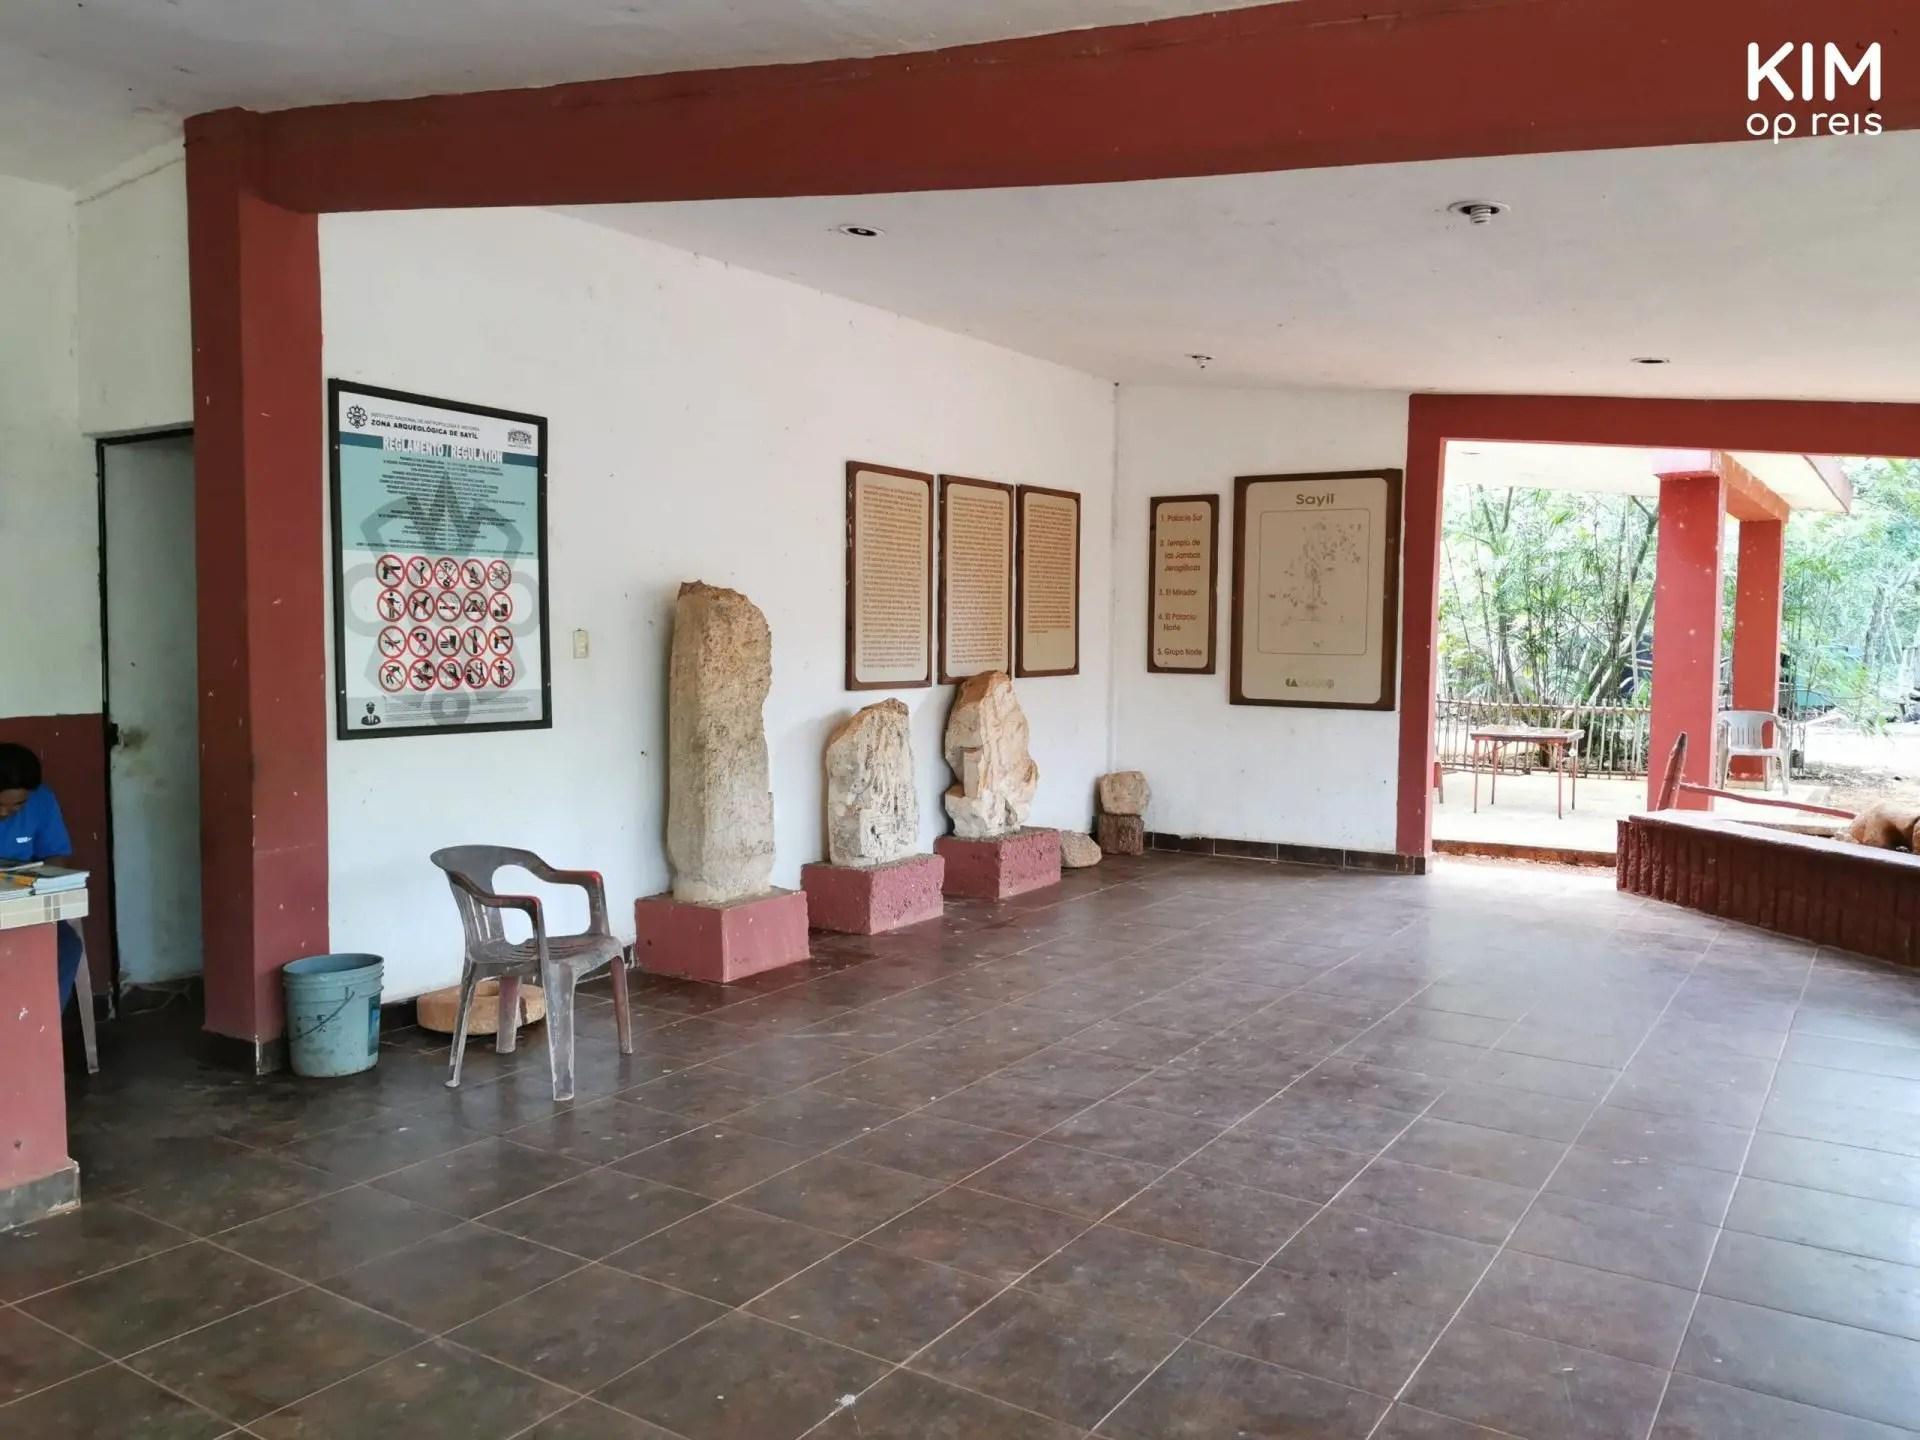 Museumruimte Sayil: vrij lege ruimte met tegen de muur enkele stukken steen en wat posters